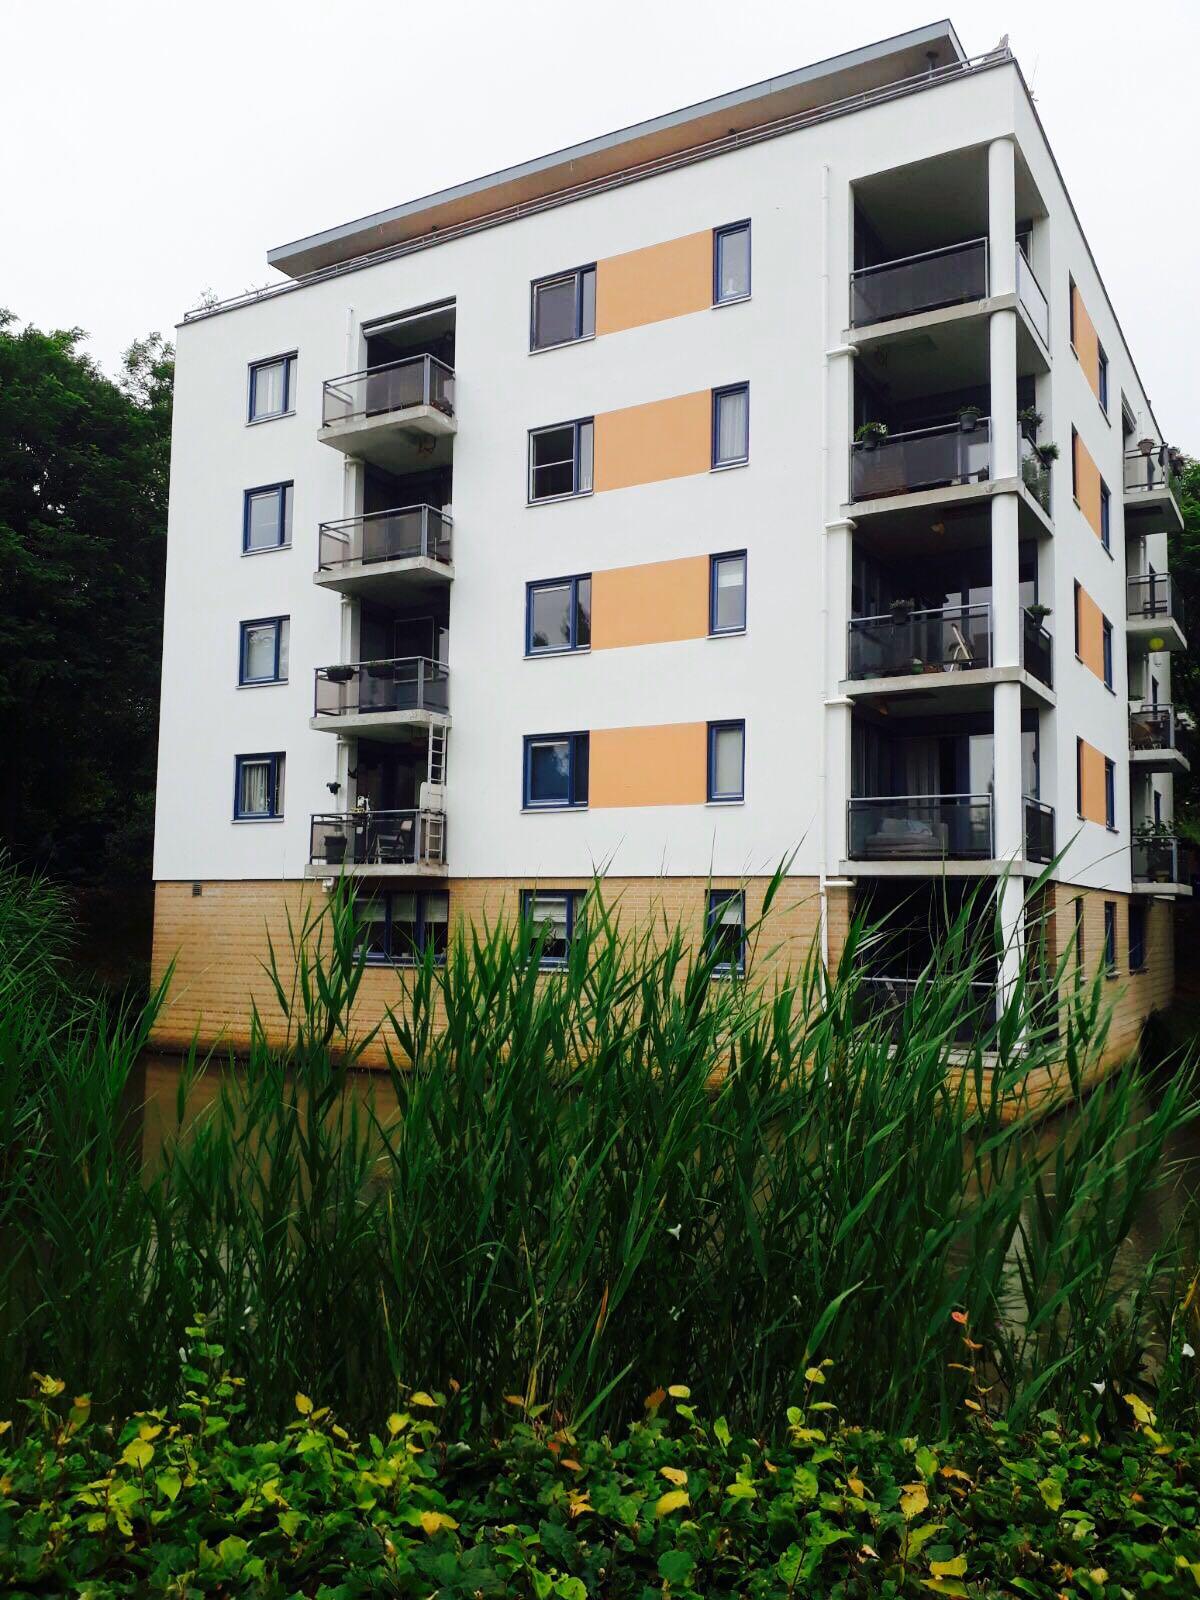 Gevelonderhoud voor appartementen complex